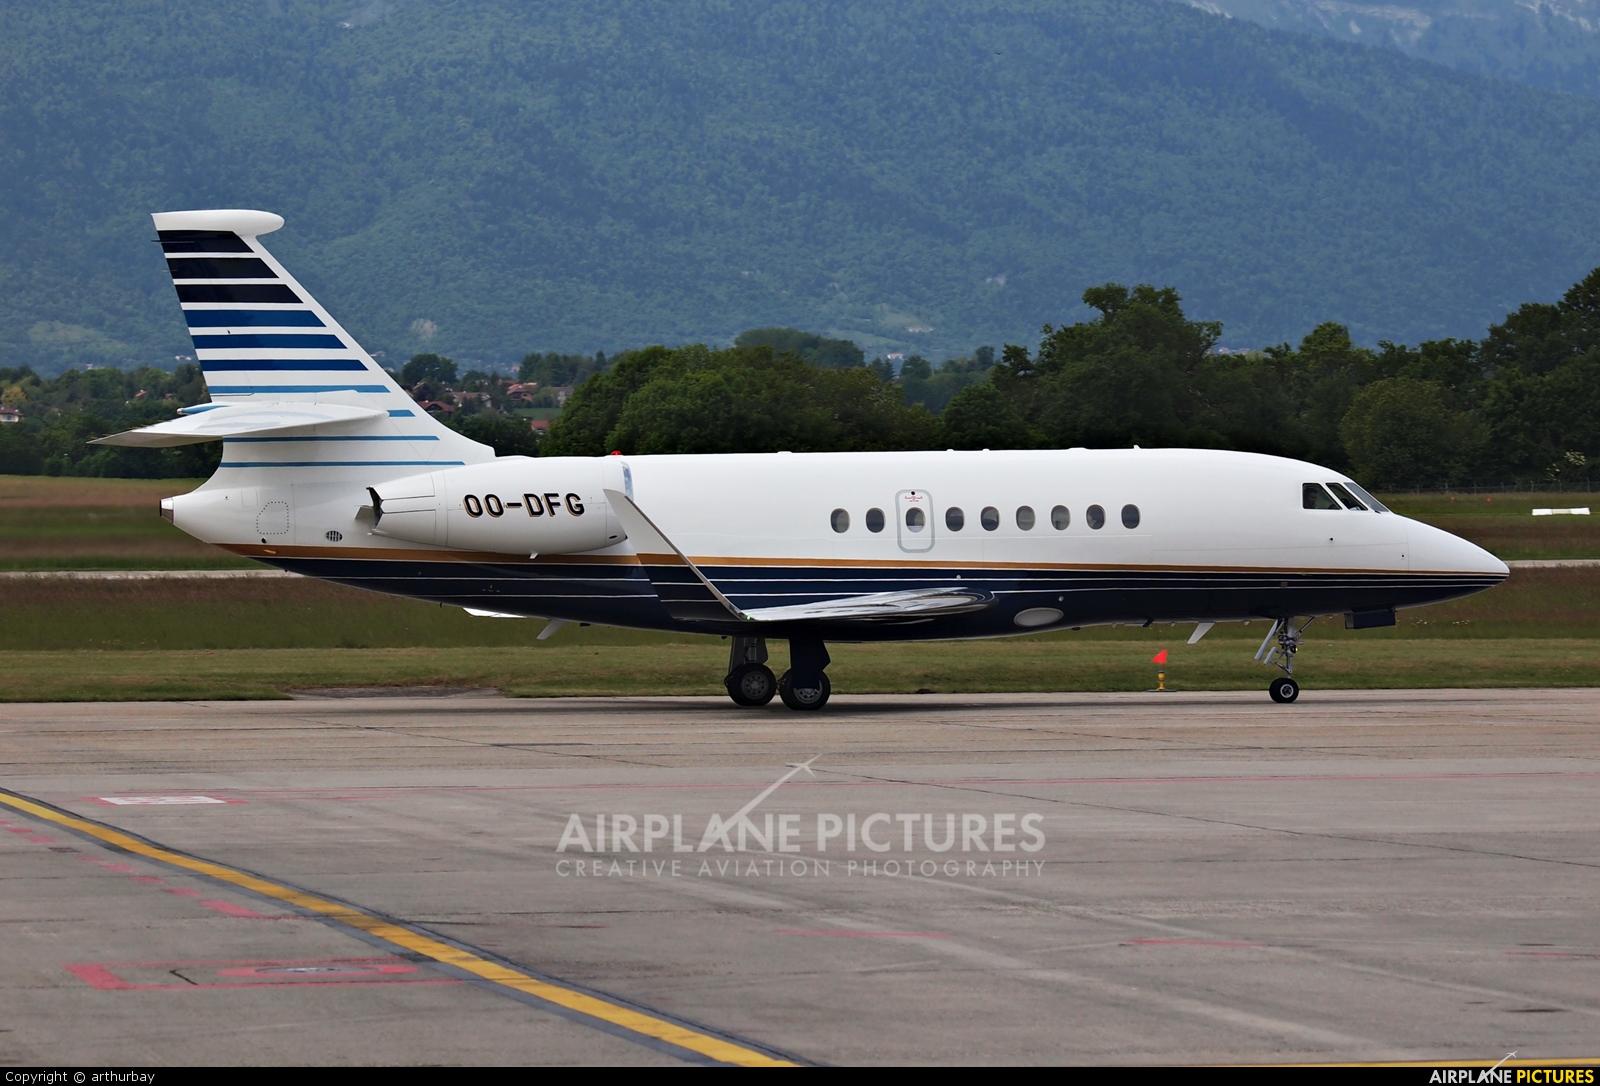 Abelag Aviation OO-DFG aircraft at Geneva Intl